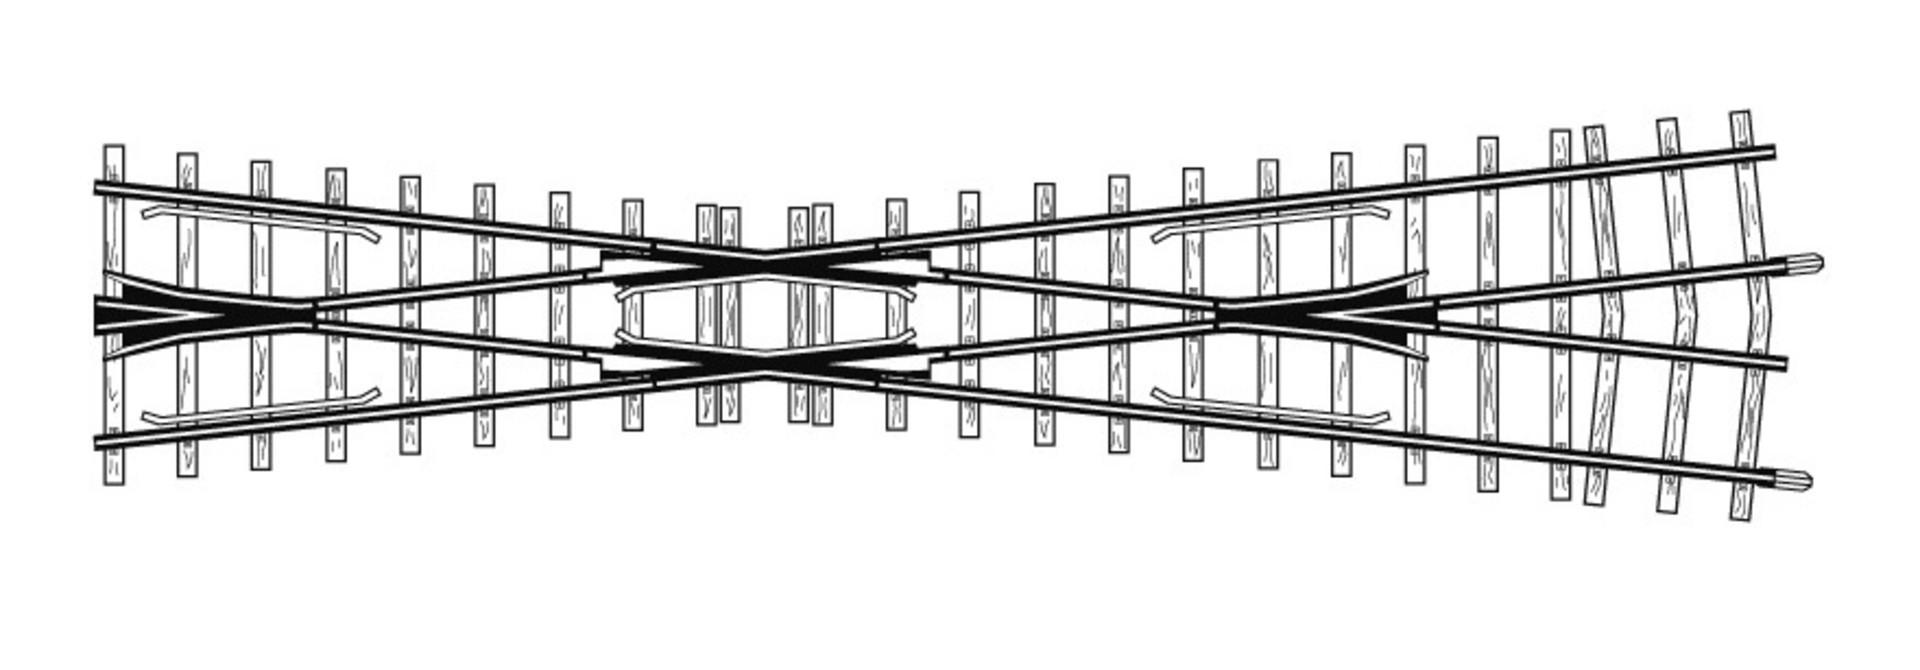 4219000 H0m 12° Kreuzung gekürzt, 182 mm